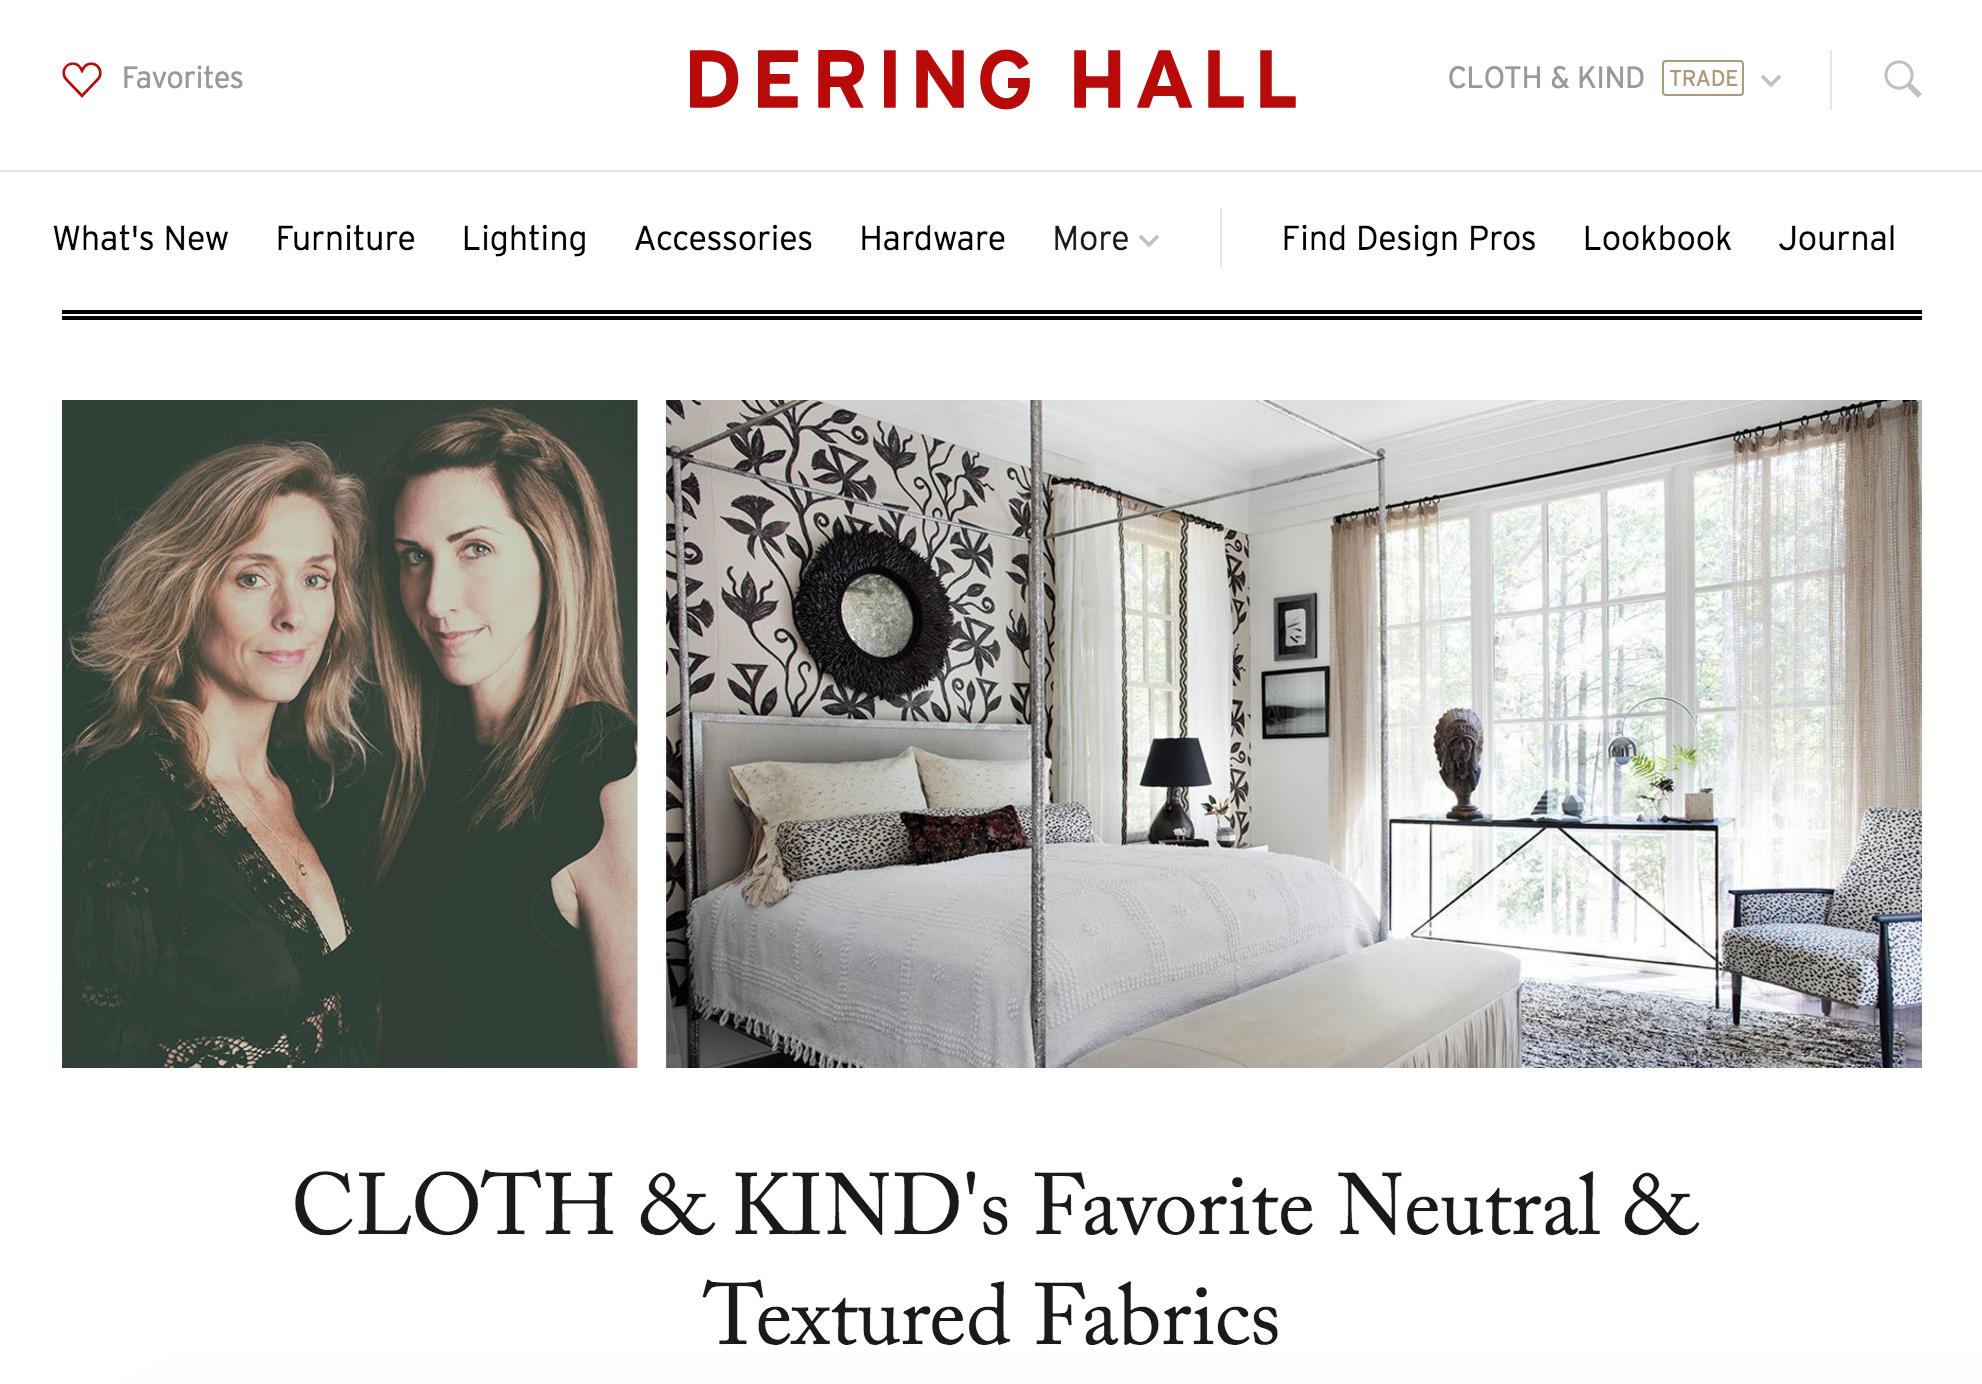 CLOTH & KIND // Dering Hall, April 2016